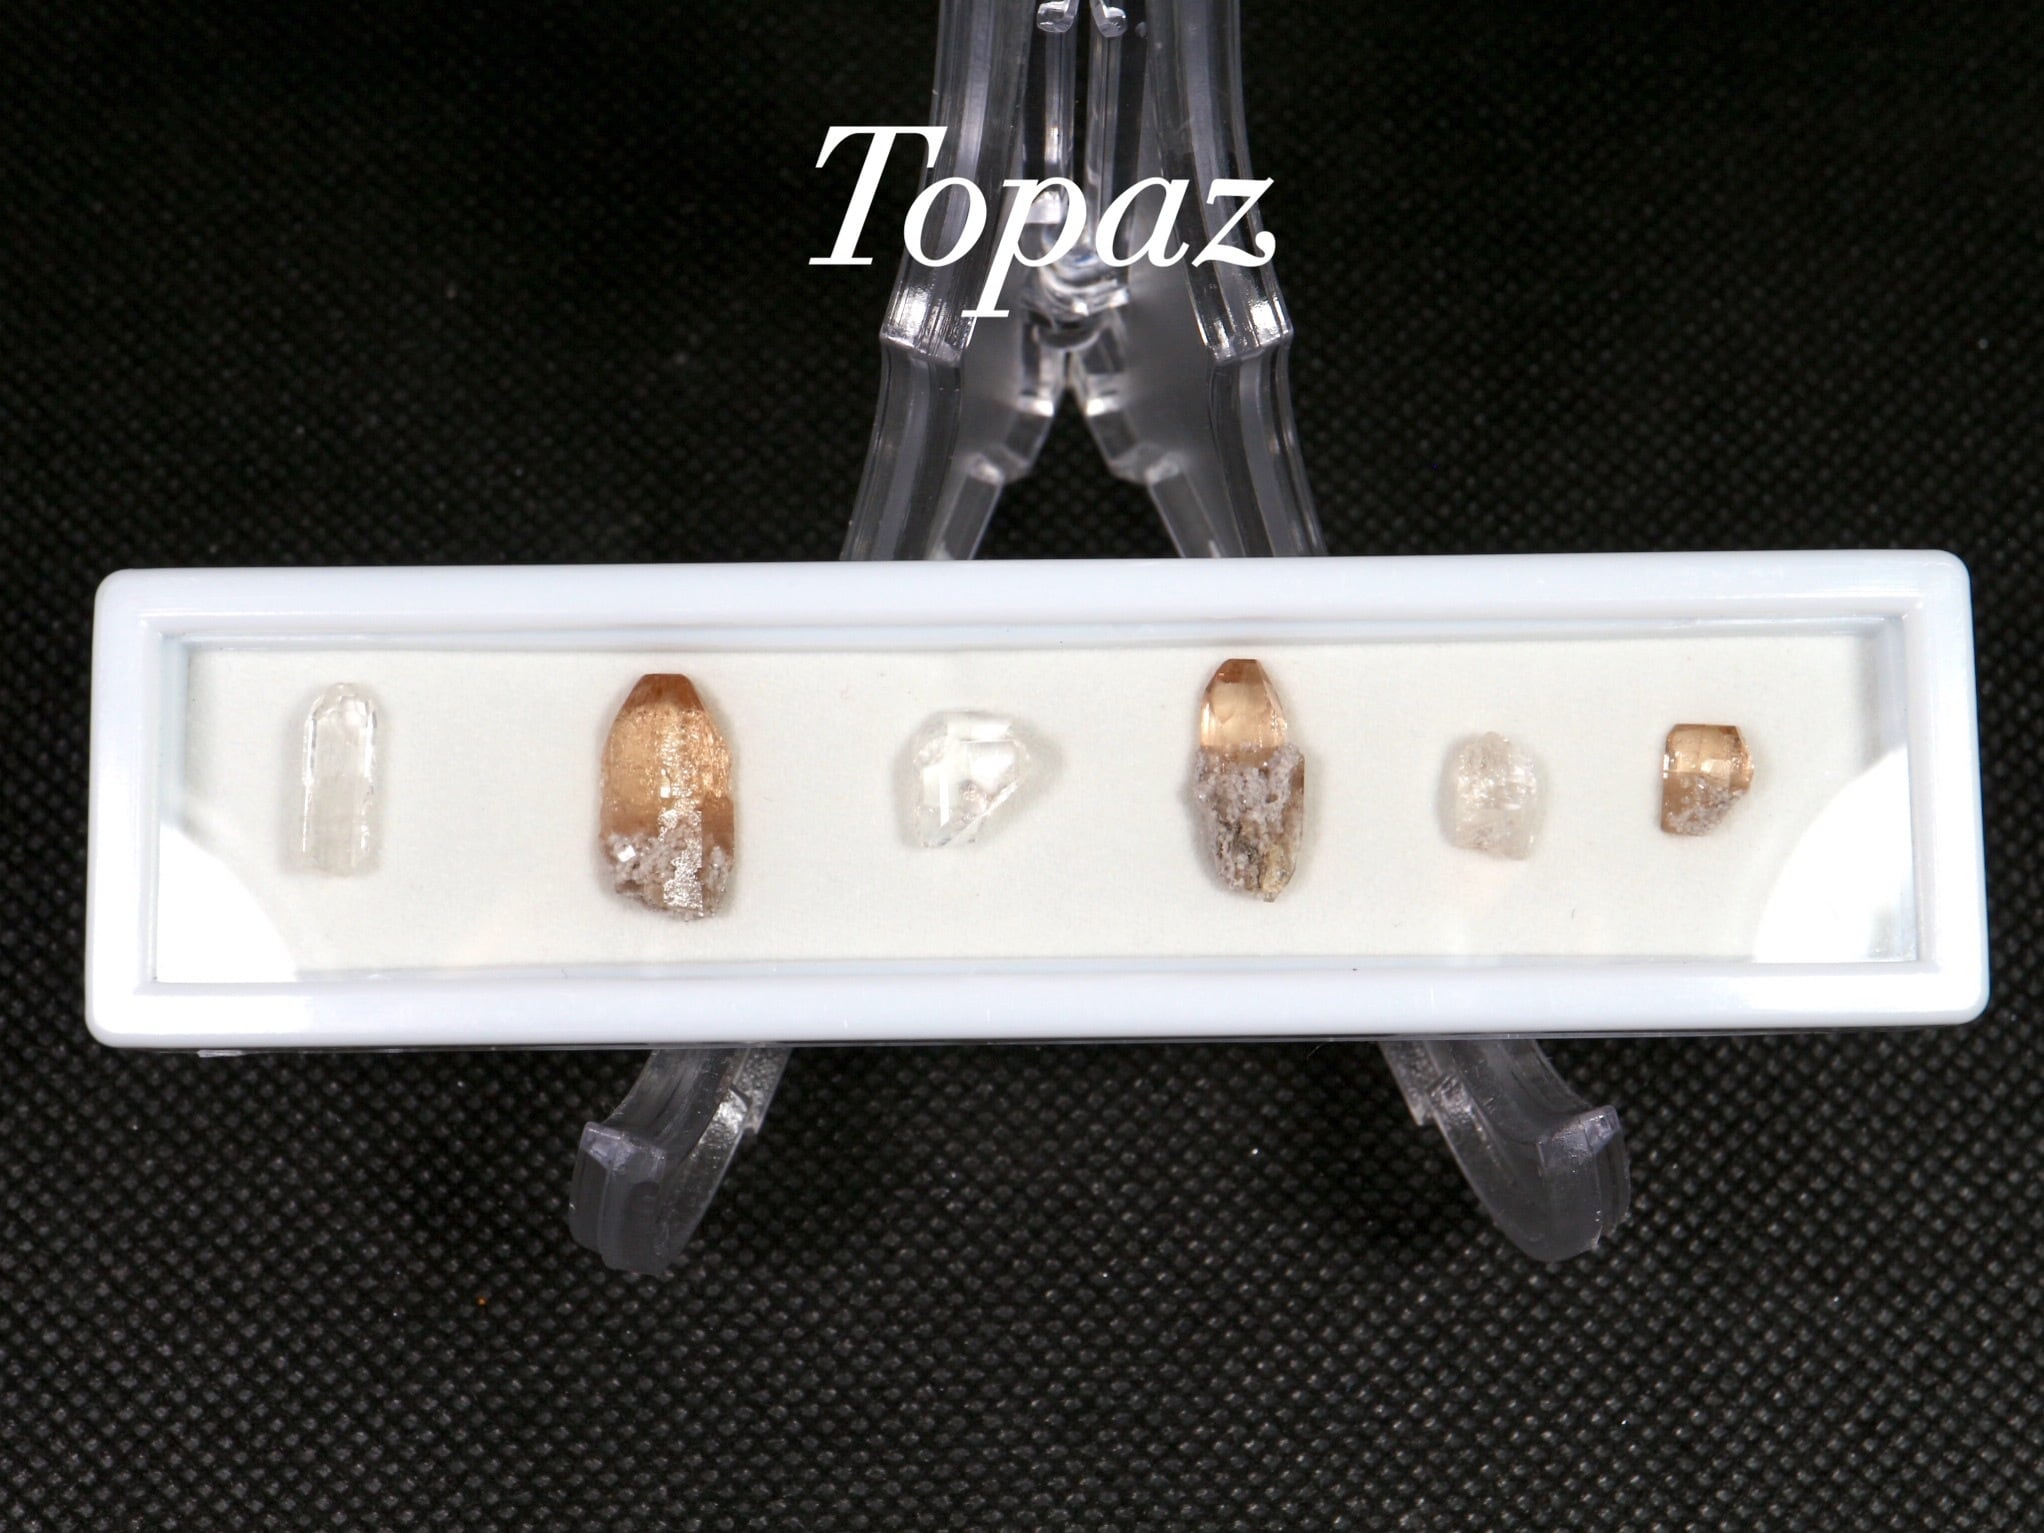 【鉱物標本セット】トパーズ ユタ州産 ラクタングル#8 原石 宝石 天然石 TZ058 鉱物セット